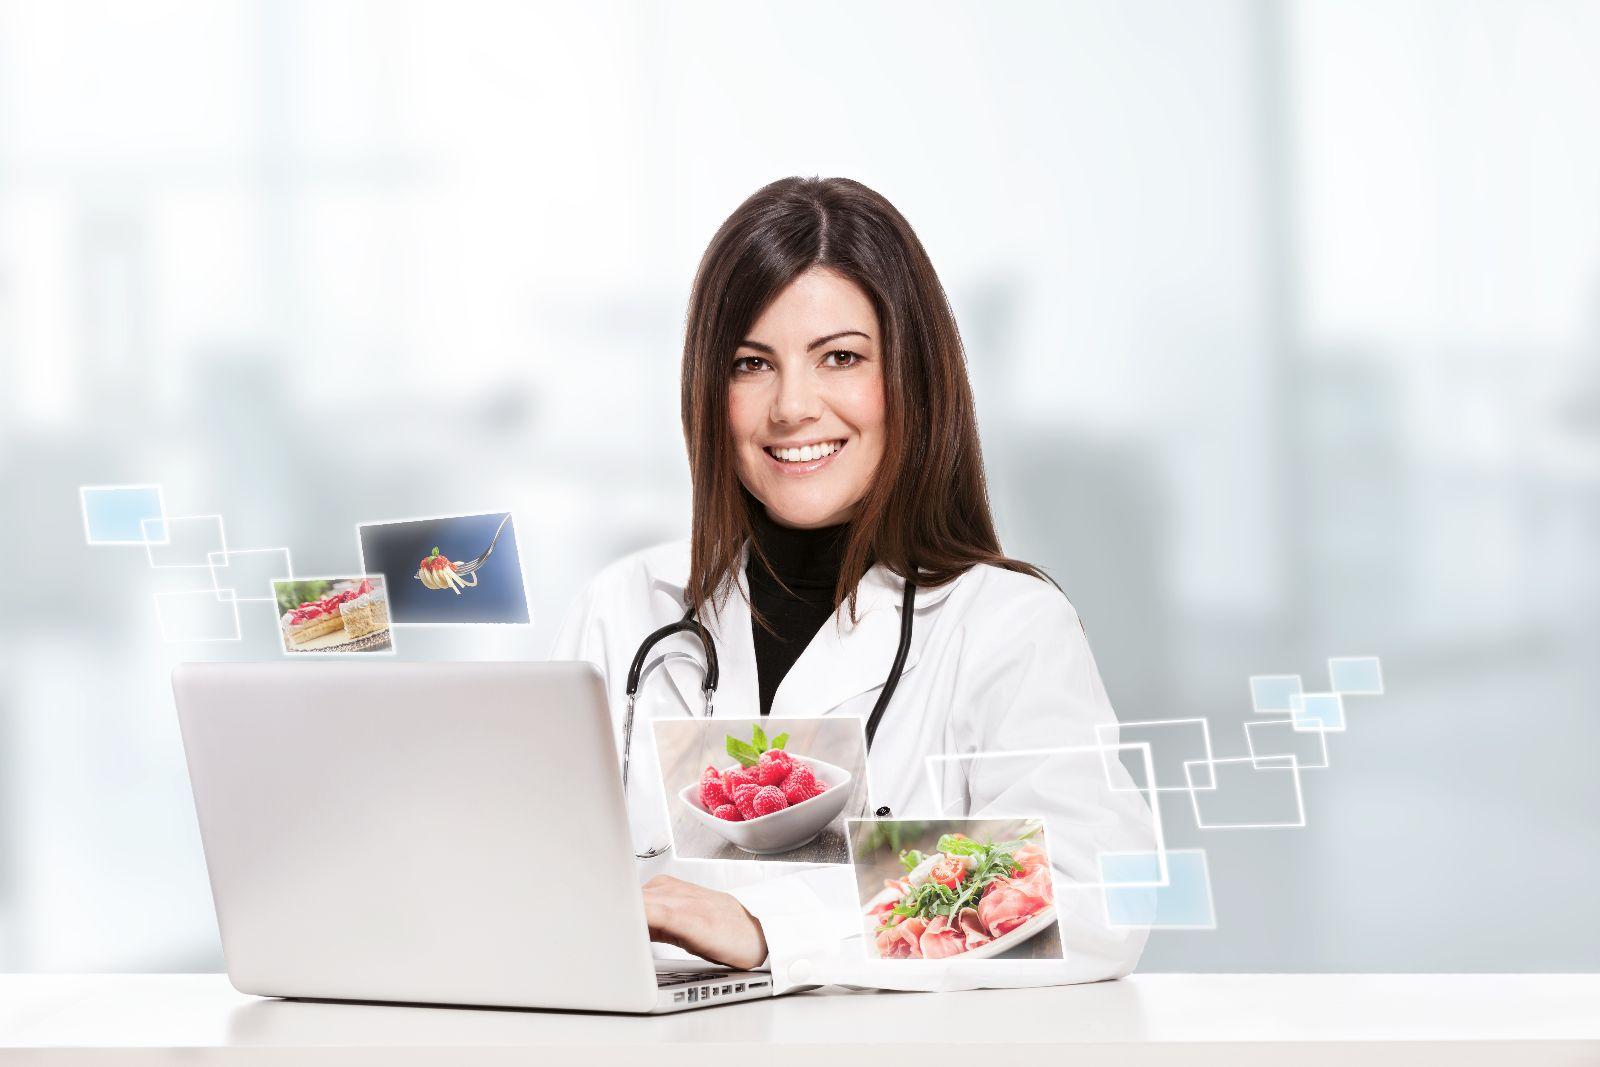 Nutriologa enfrente de una computadora